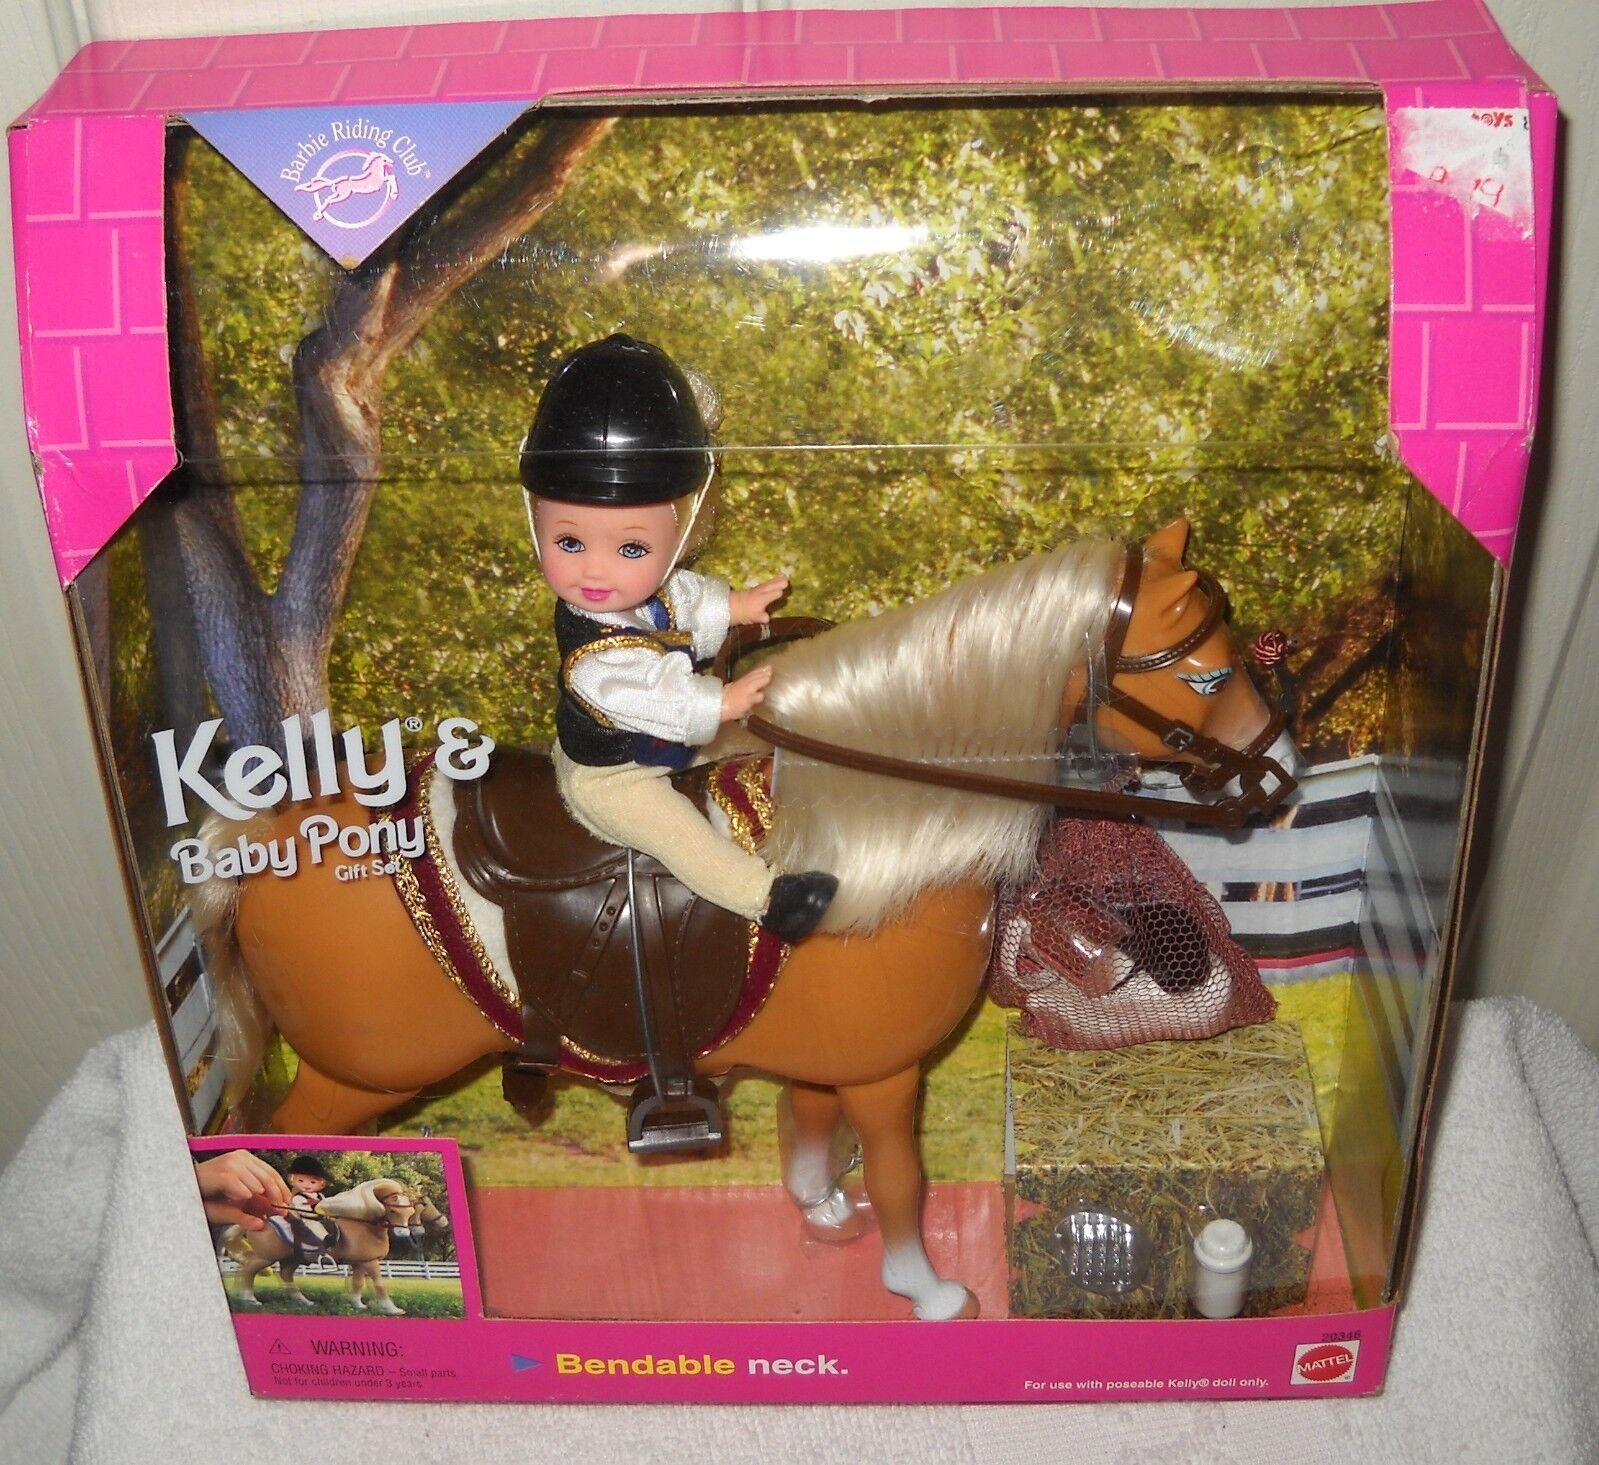 Nunca quitado de la Caja muñeca de Mattel Barbie riding club Kelly & Baby Pony Set